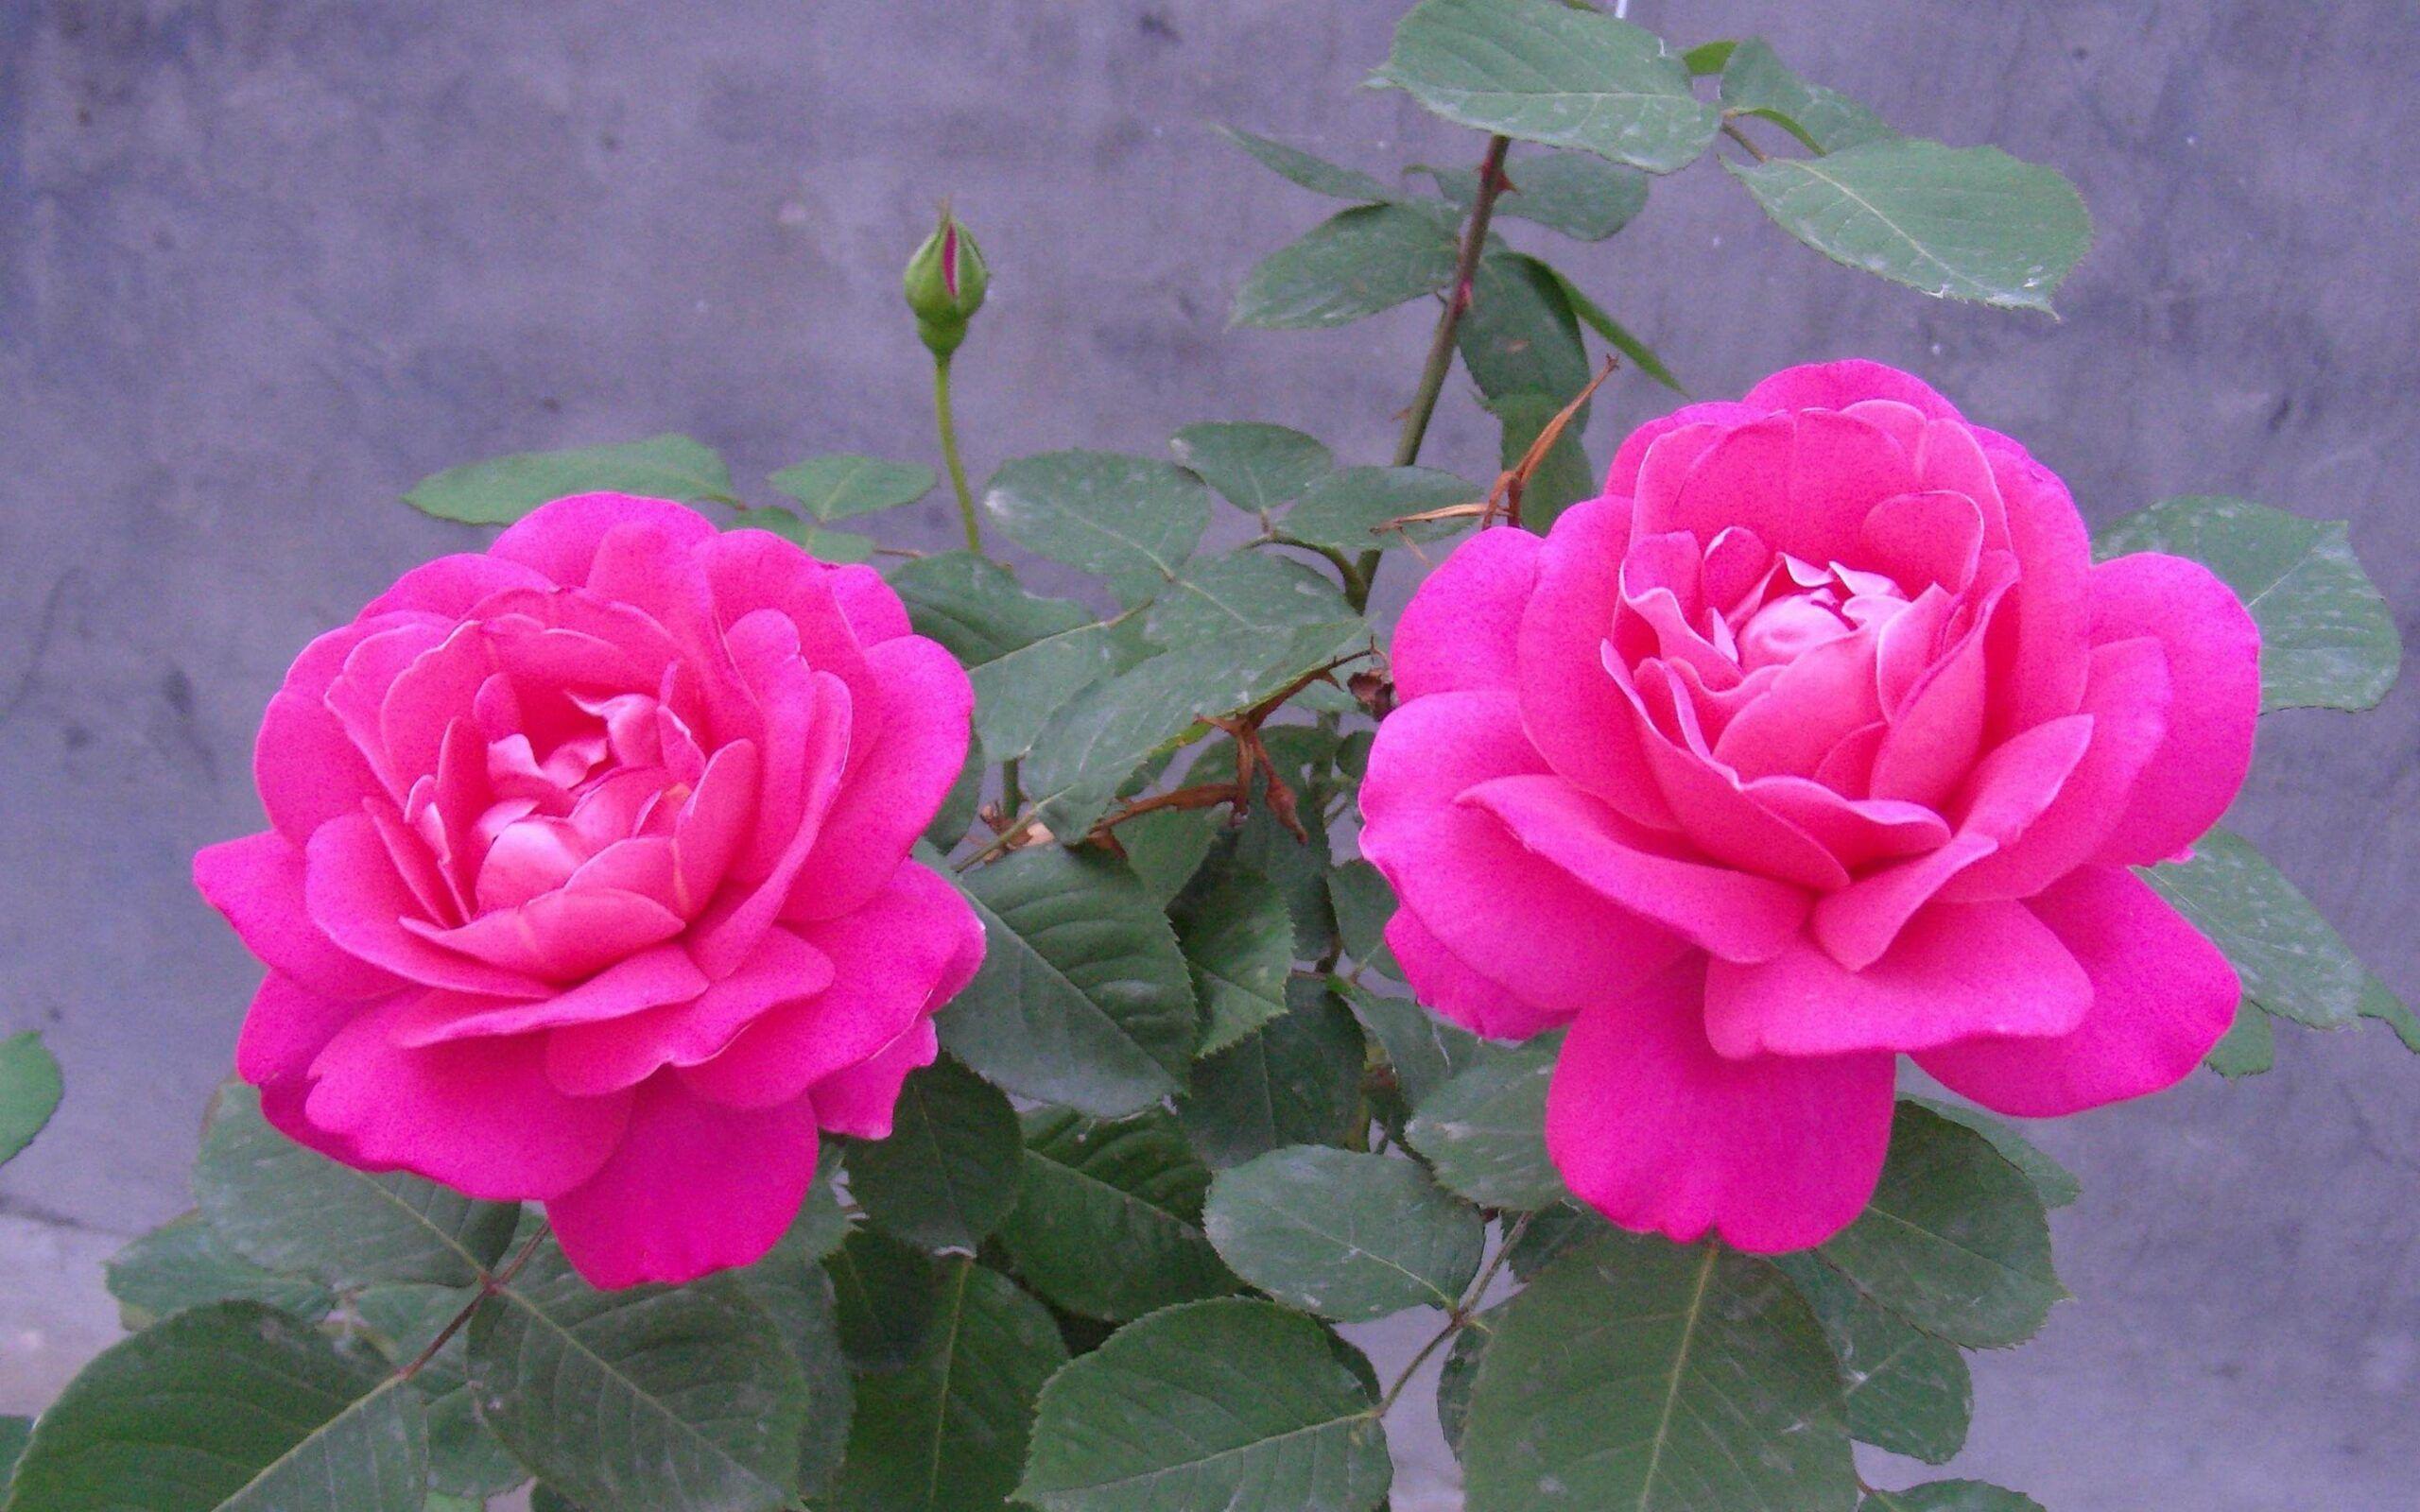 Gambar Bunga Mawar Hd Download Dari Koleksi Gambar Bunga Mawar Yang Indah Dan Romantis Wallpaper Bunga Indah Bunga Bunga Indah Gambar Bunga